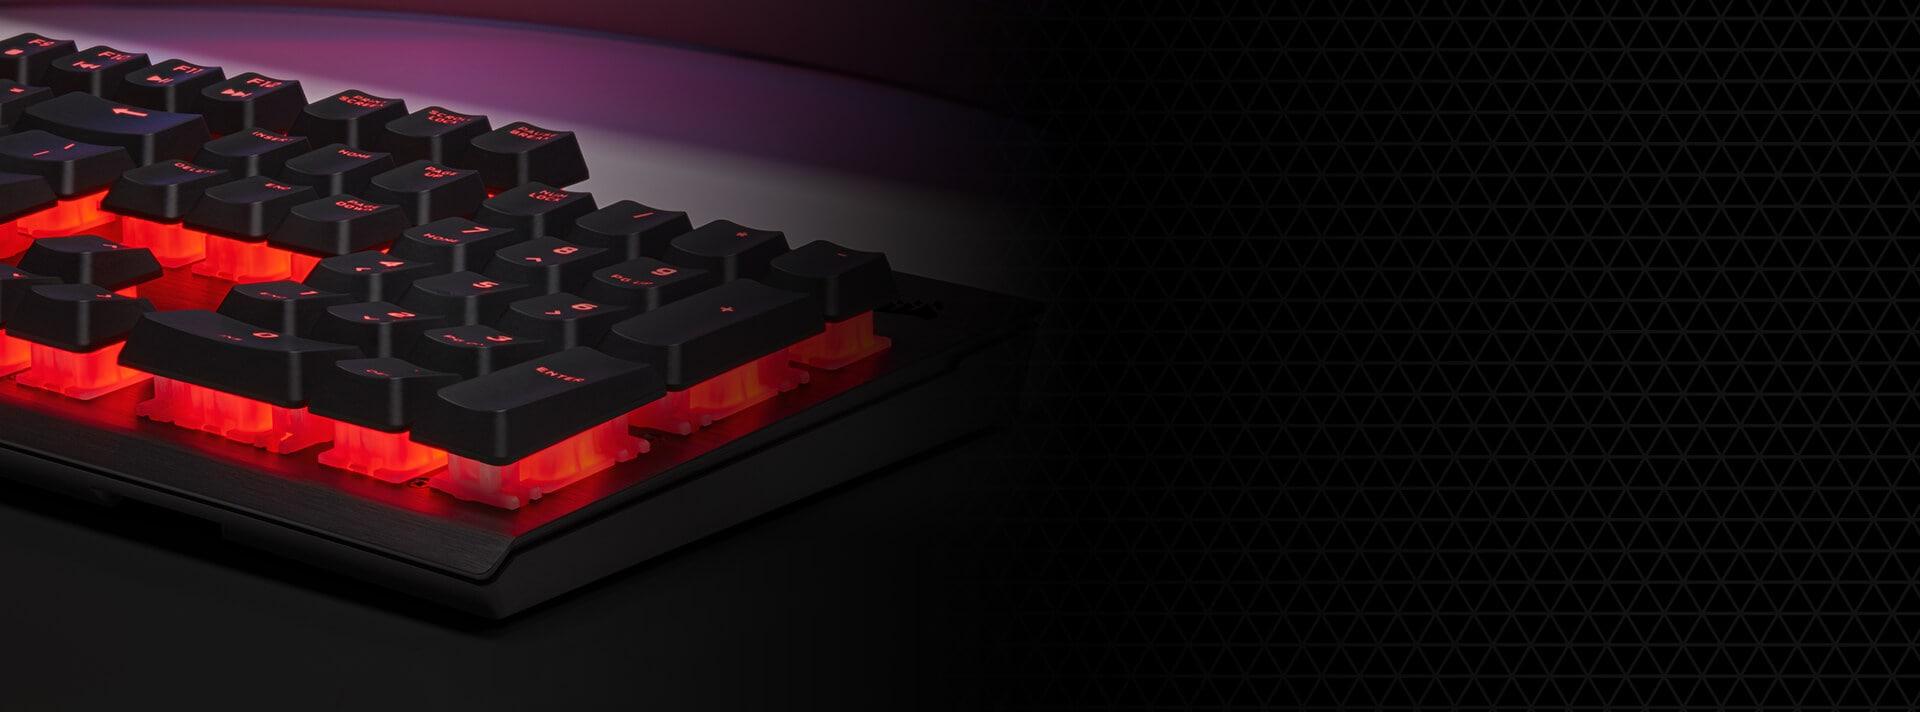 Bàn phím Corsair K60 PRO (USB/Red LED/Cherry MX Viola) (CH-910D029-NA) có thiết kế đẹp và chắc chắn